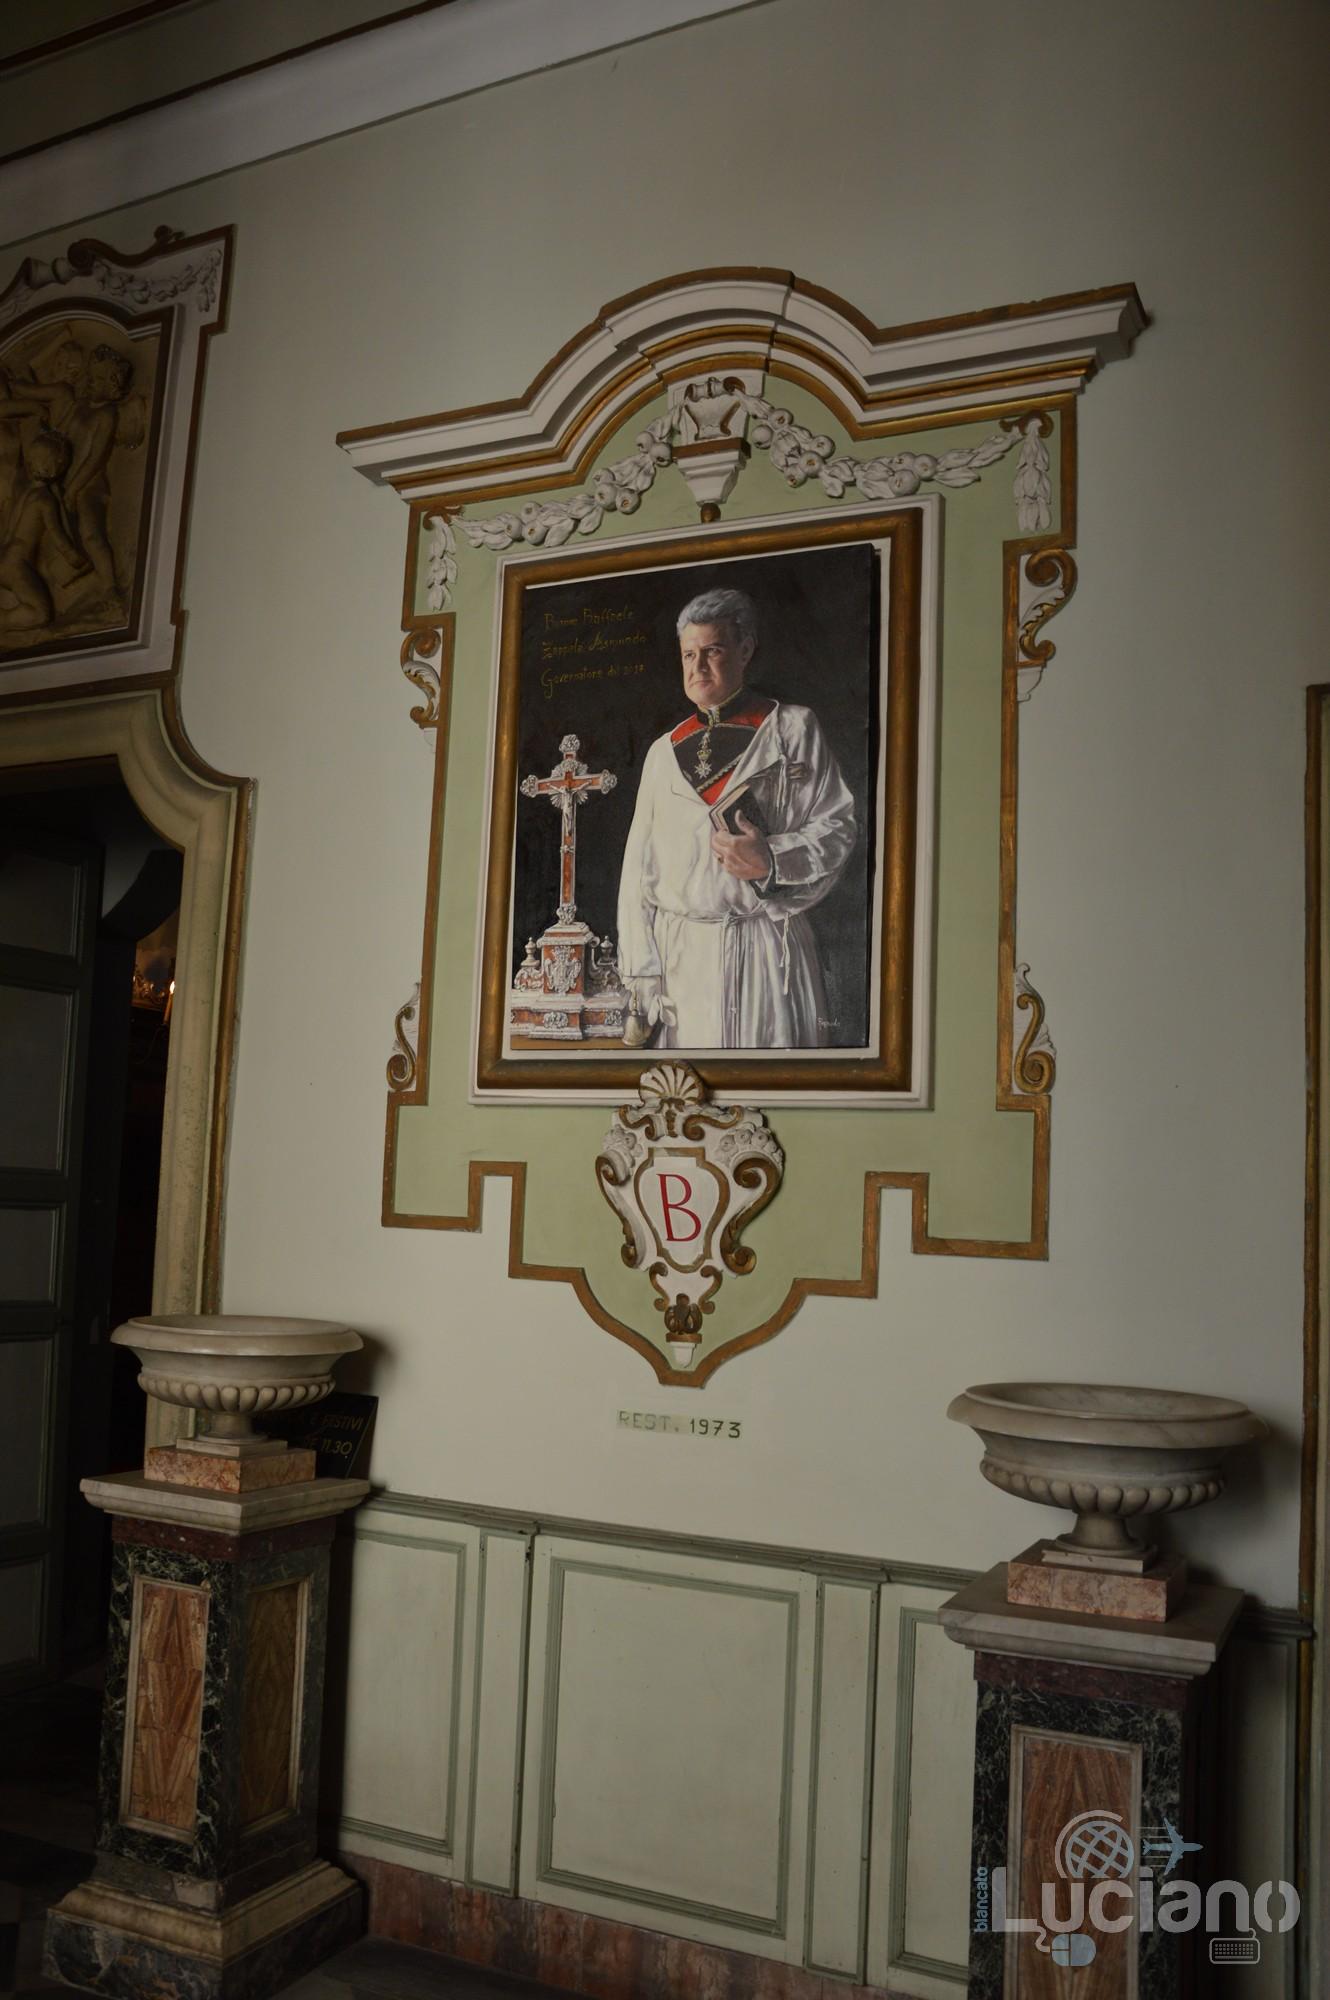 dipinto nella Chiesa di San Martino ai Bianchi, durante i festeggiamenti per Sant'Agata 2019 - Catania (CT)